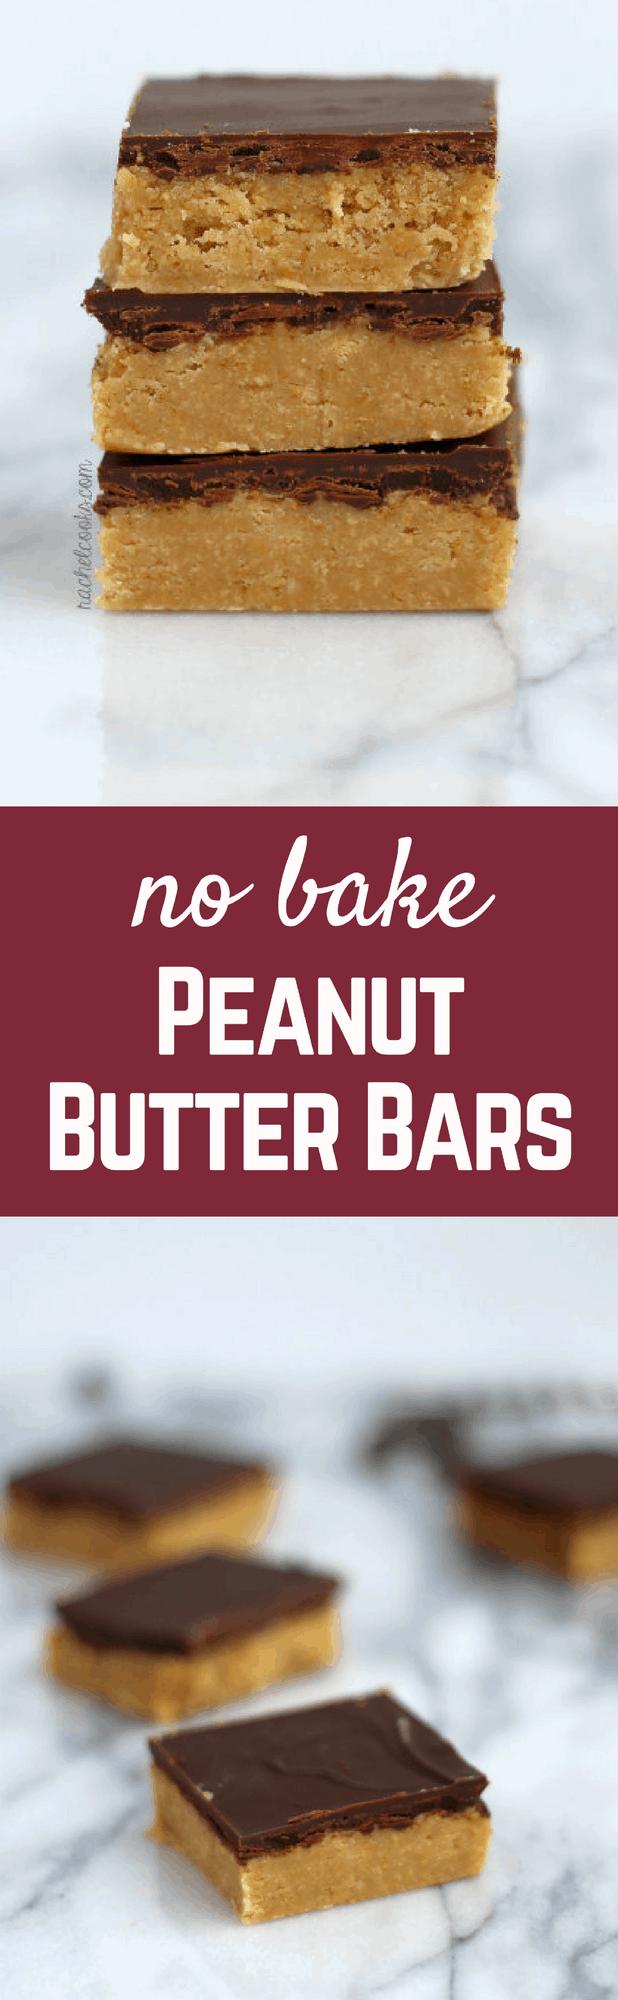 No Bake Peanut Butter Bars {taste just like Reese's!} | RachelCooks.com